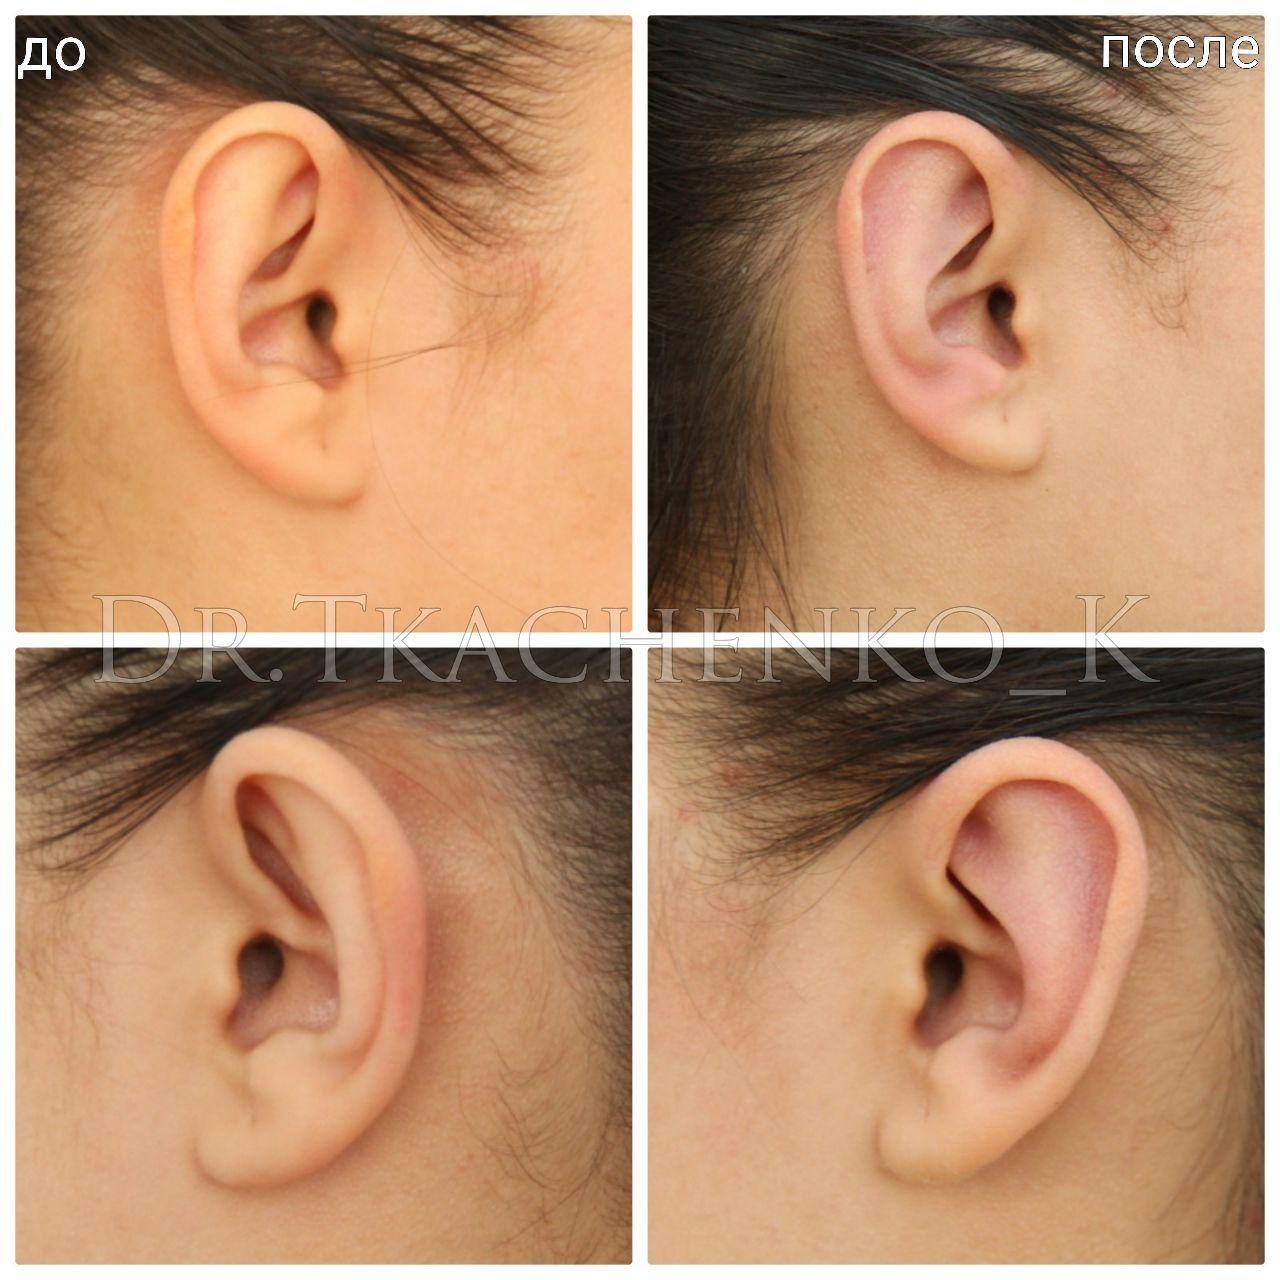 Пластика ушей (отопластика)